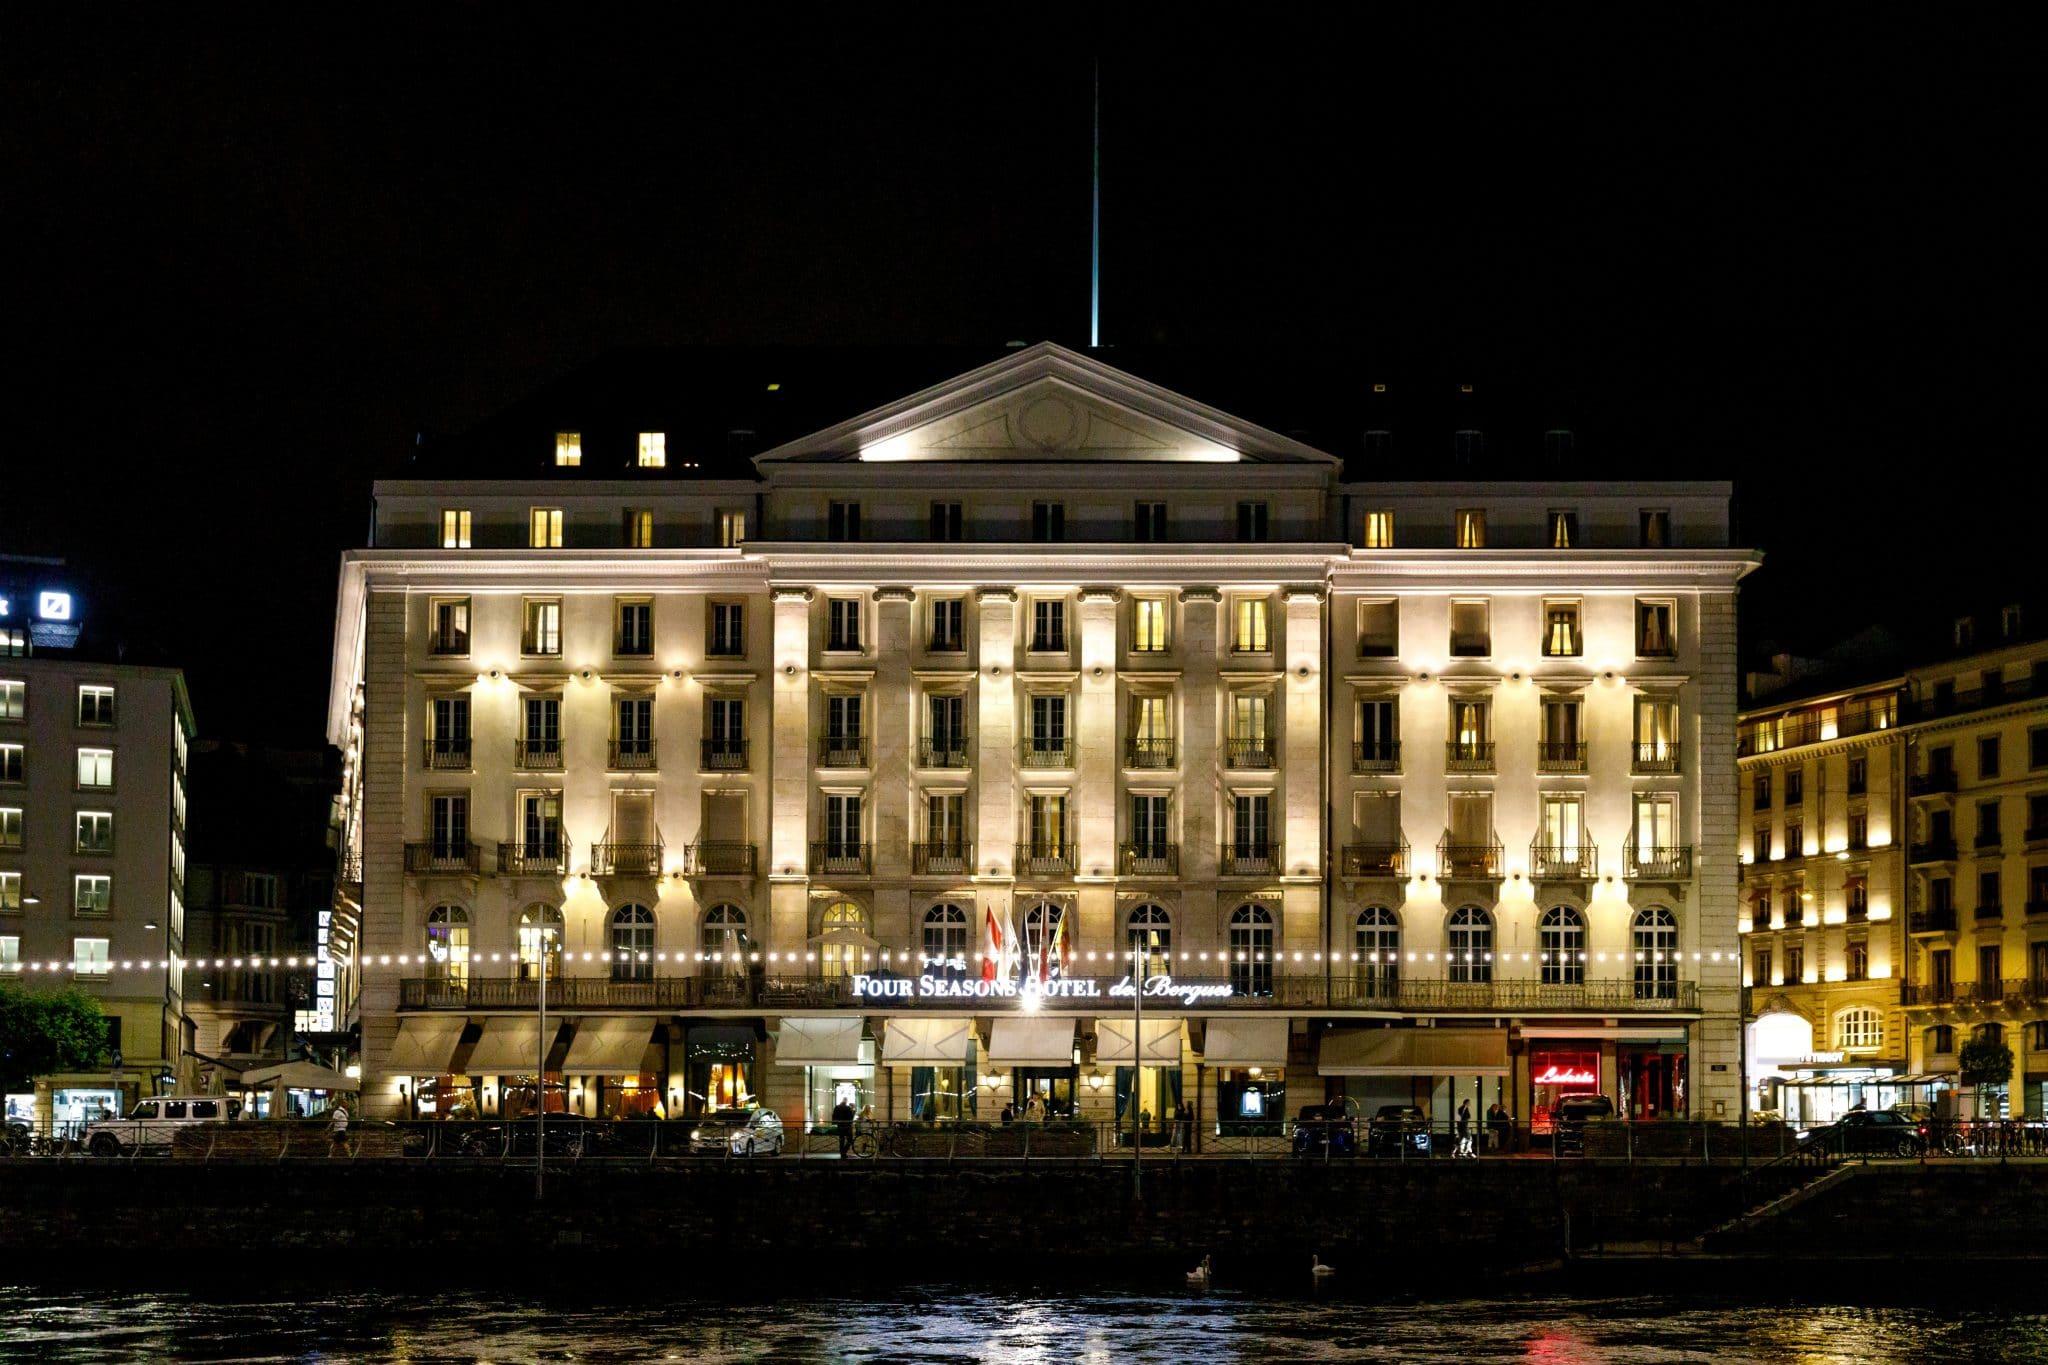 four seasons hotel des bergues genève lac léman vue concert à la bougie candlelight